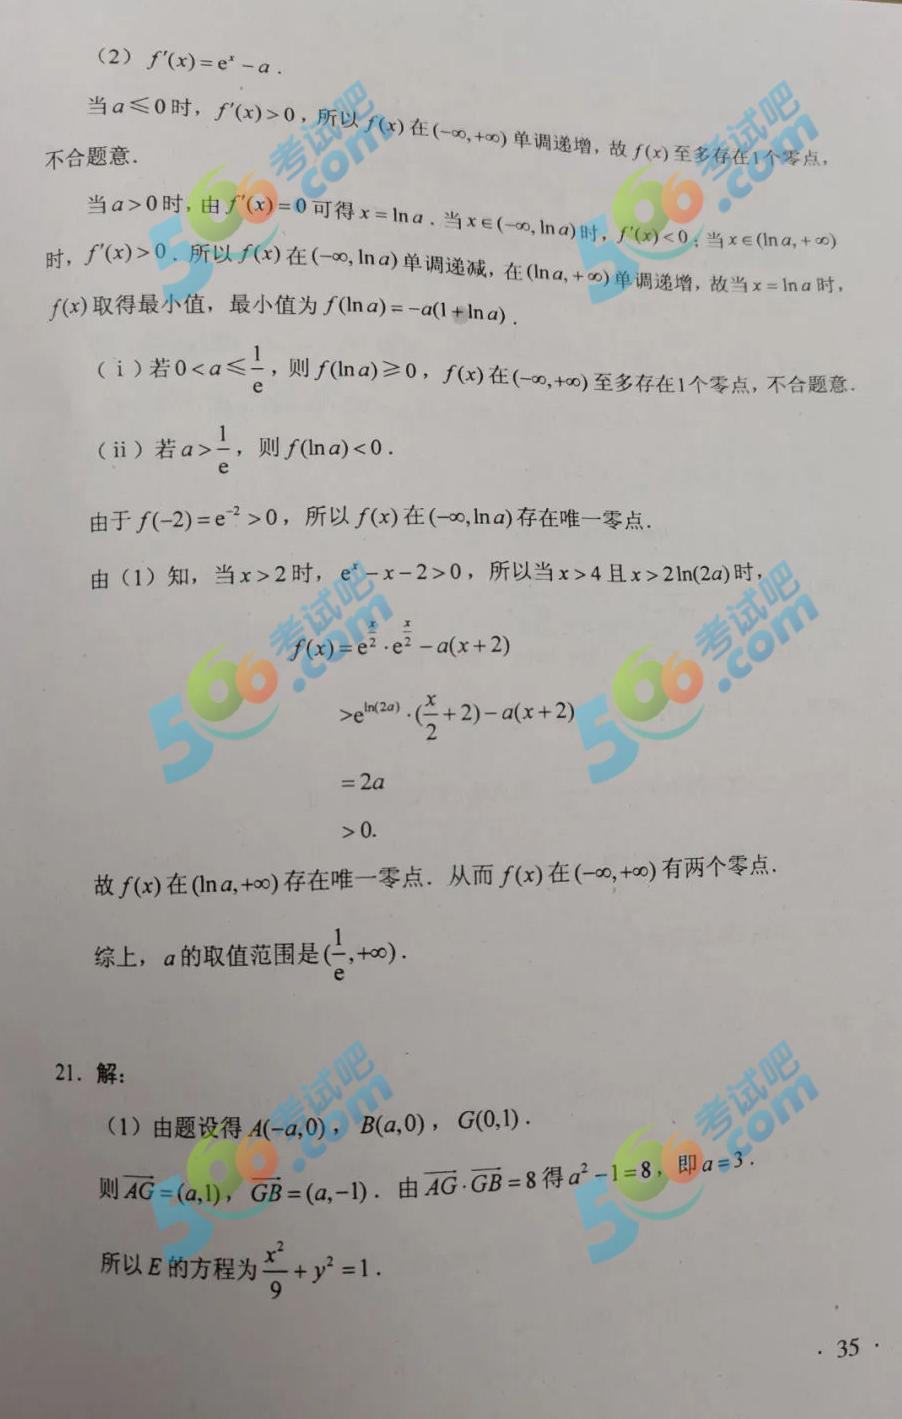 2020年高考全国卷I文科数学答案(官方版)